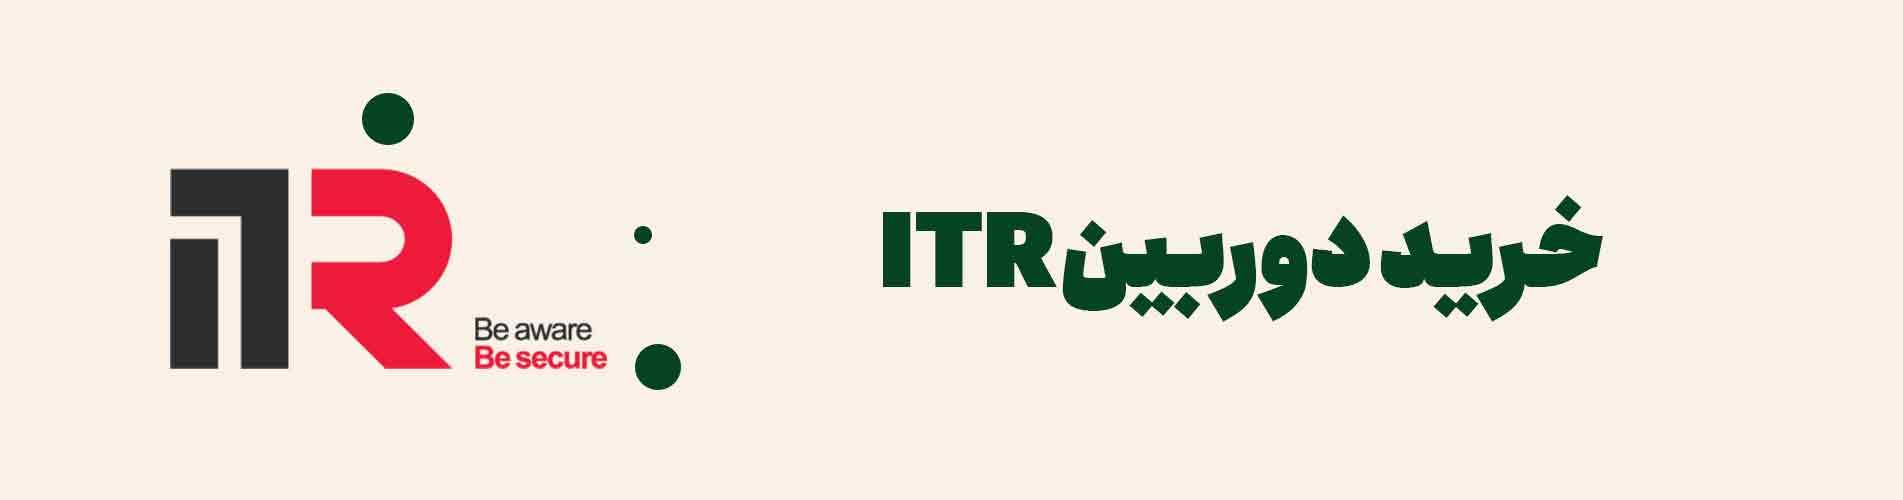 خرید دوربین ITR